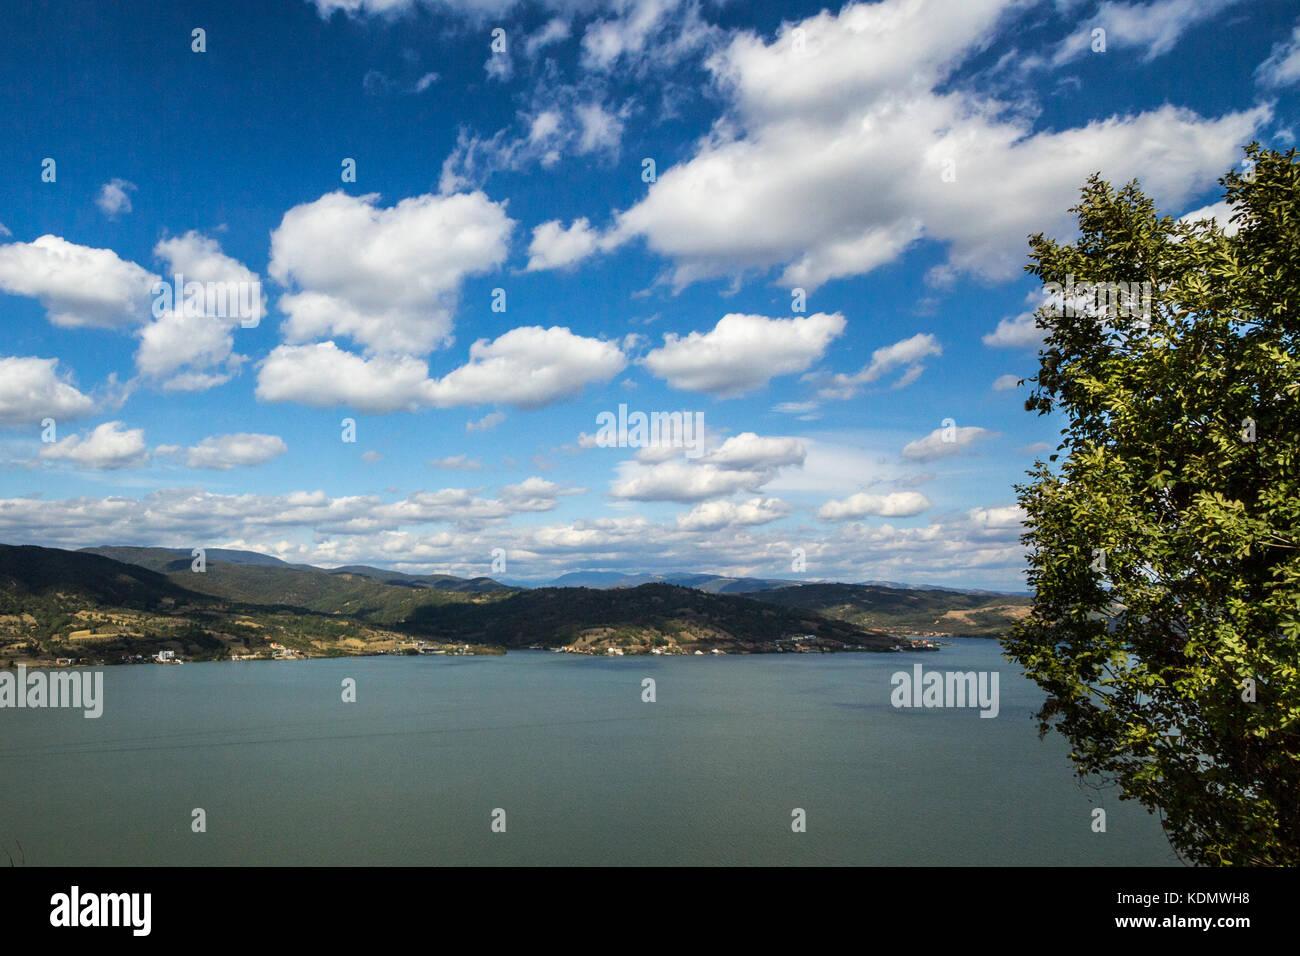 Danube près de la ville de Vranje serbe dans les portes de fer, également connu sous le nom de djerdap, Photo Stock